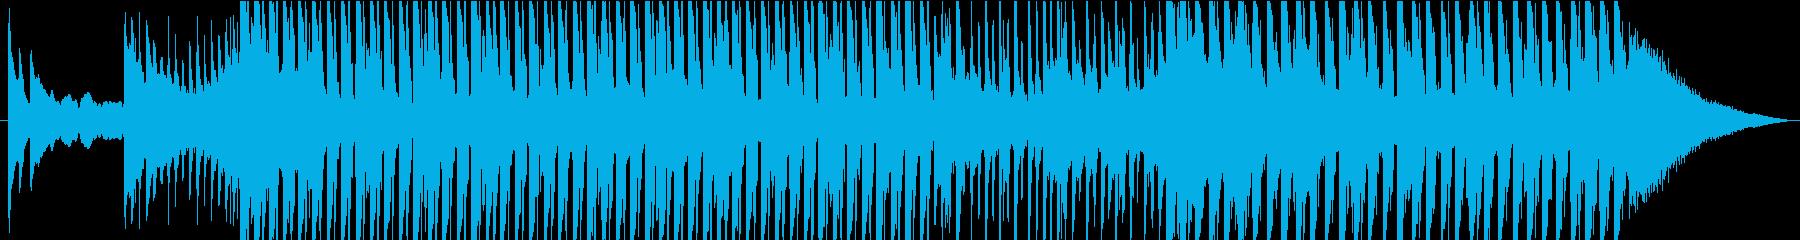 美しいピアノのメロディーと堅実で高...の再生済みの波形